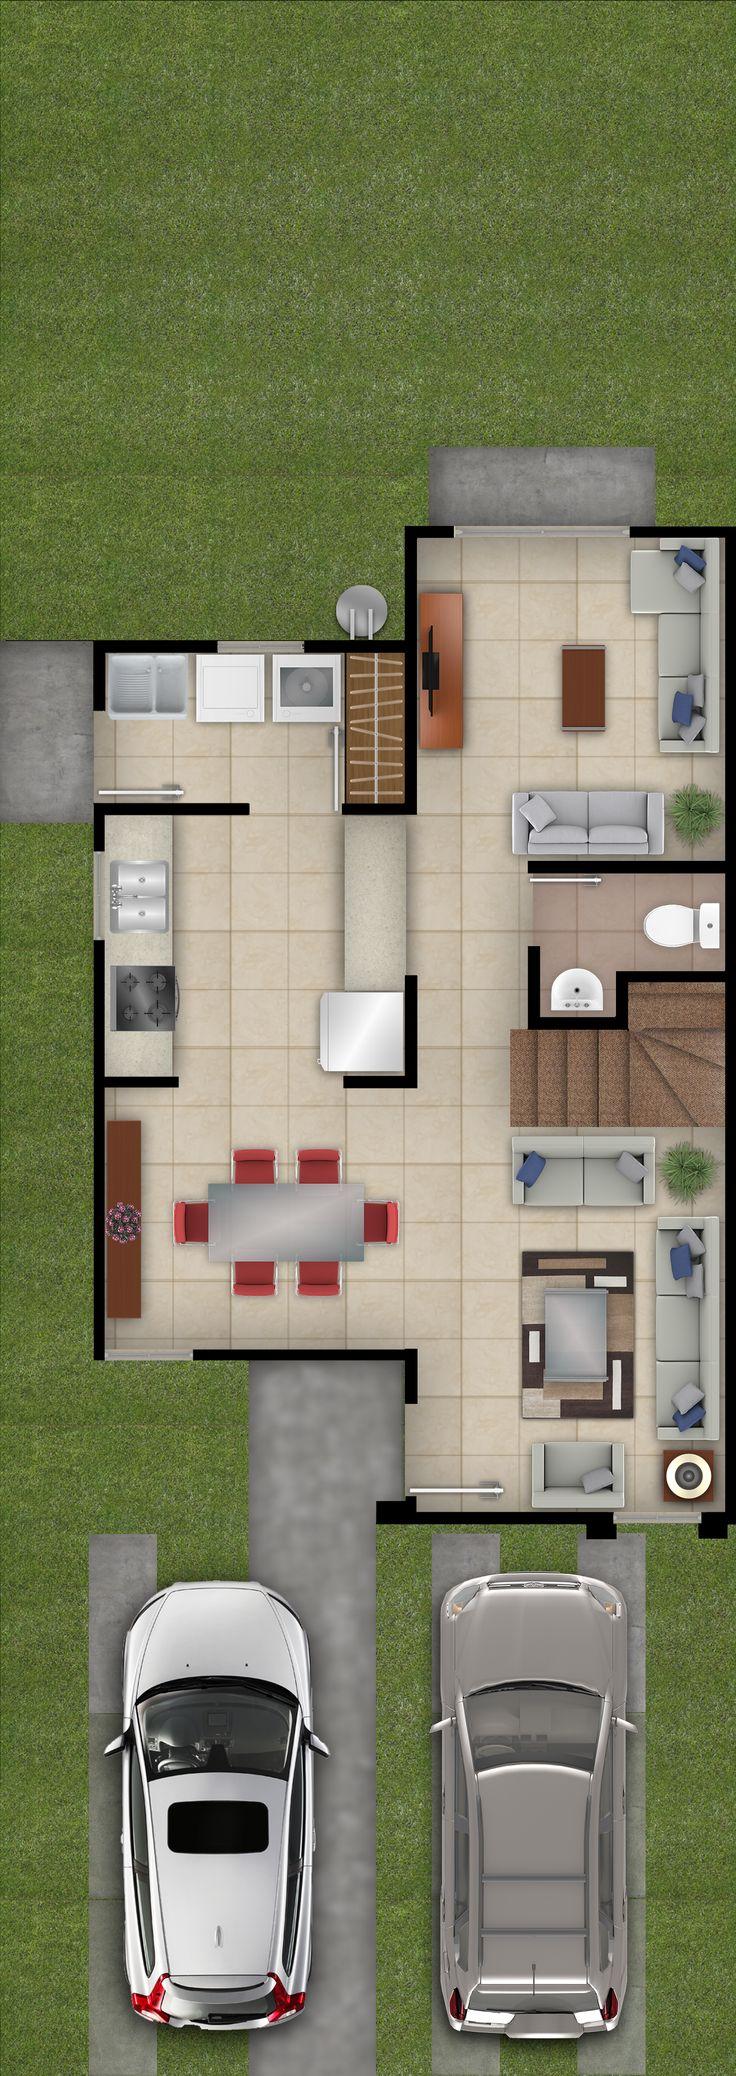 Las 25 mejores ideas sobre planos de los apartamentos en for Distribucion de apartamentos de 40 metros